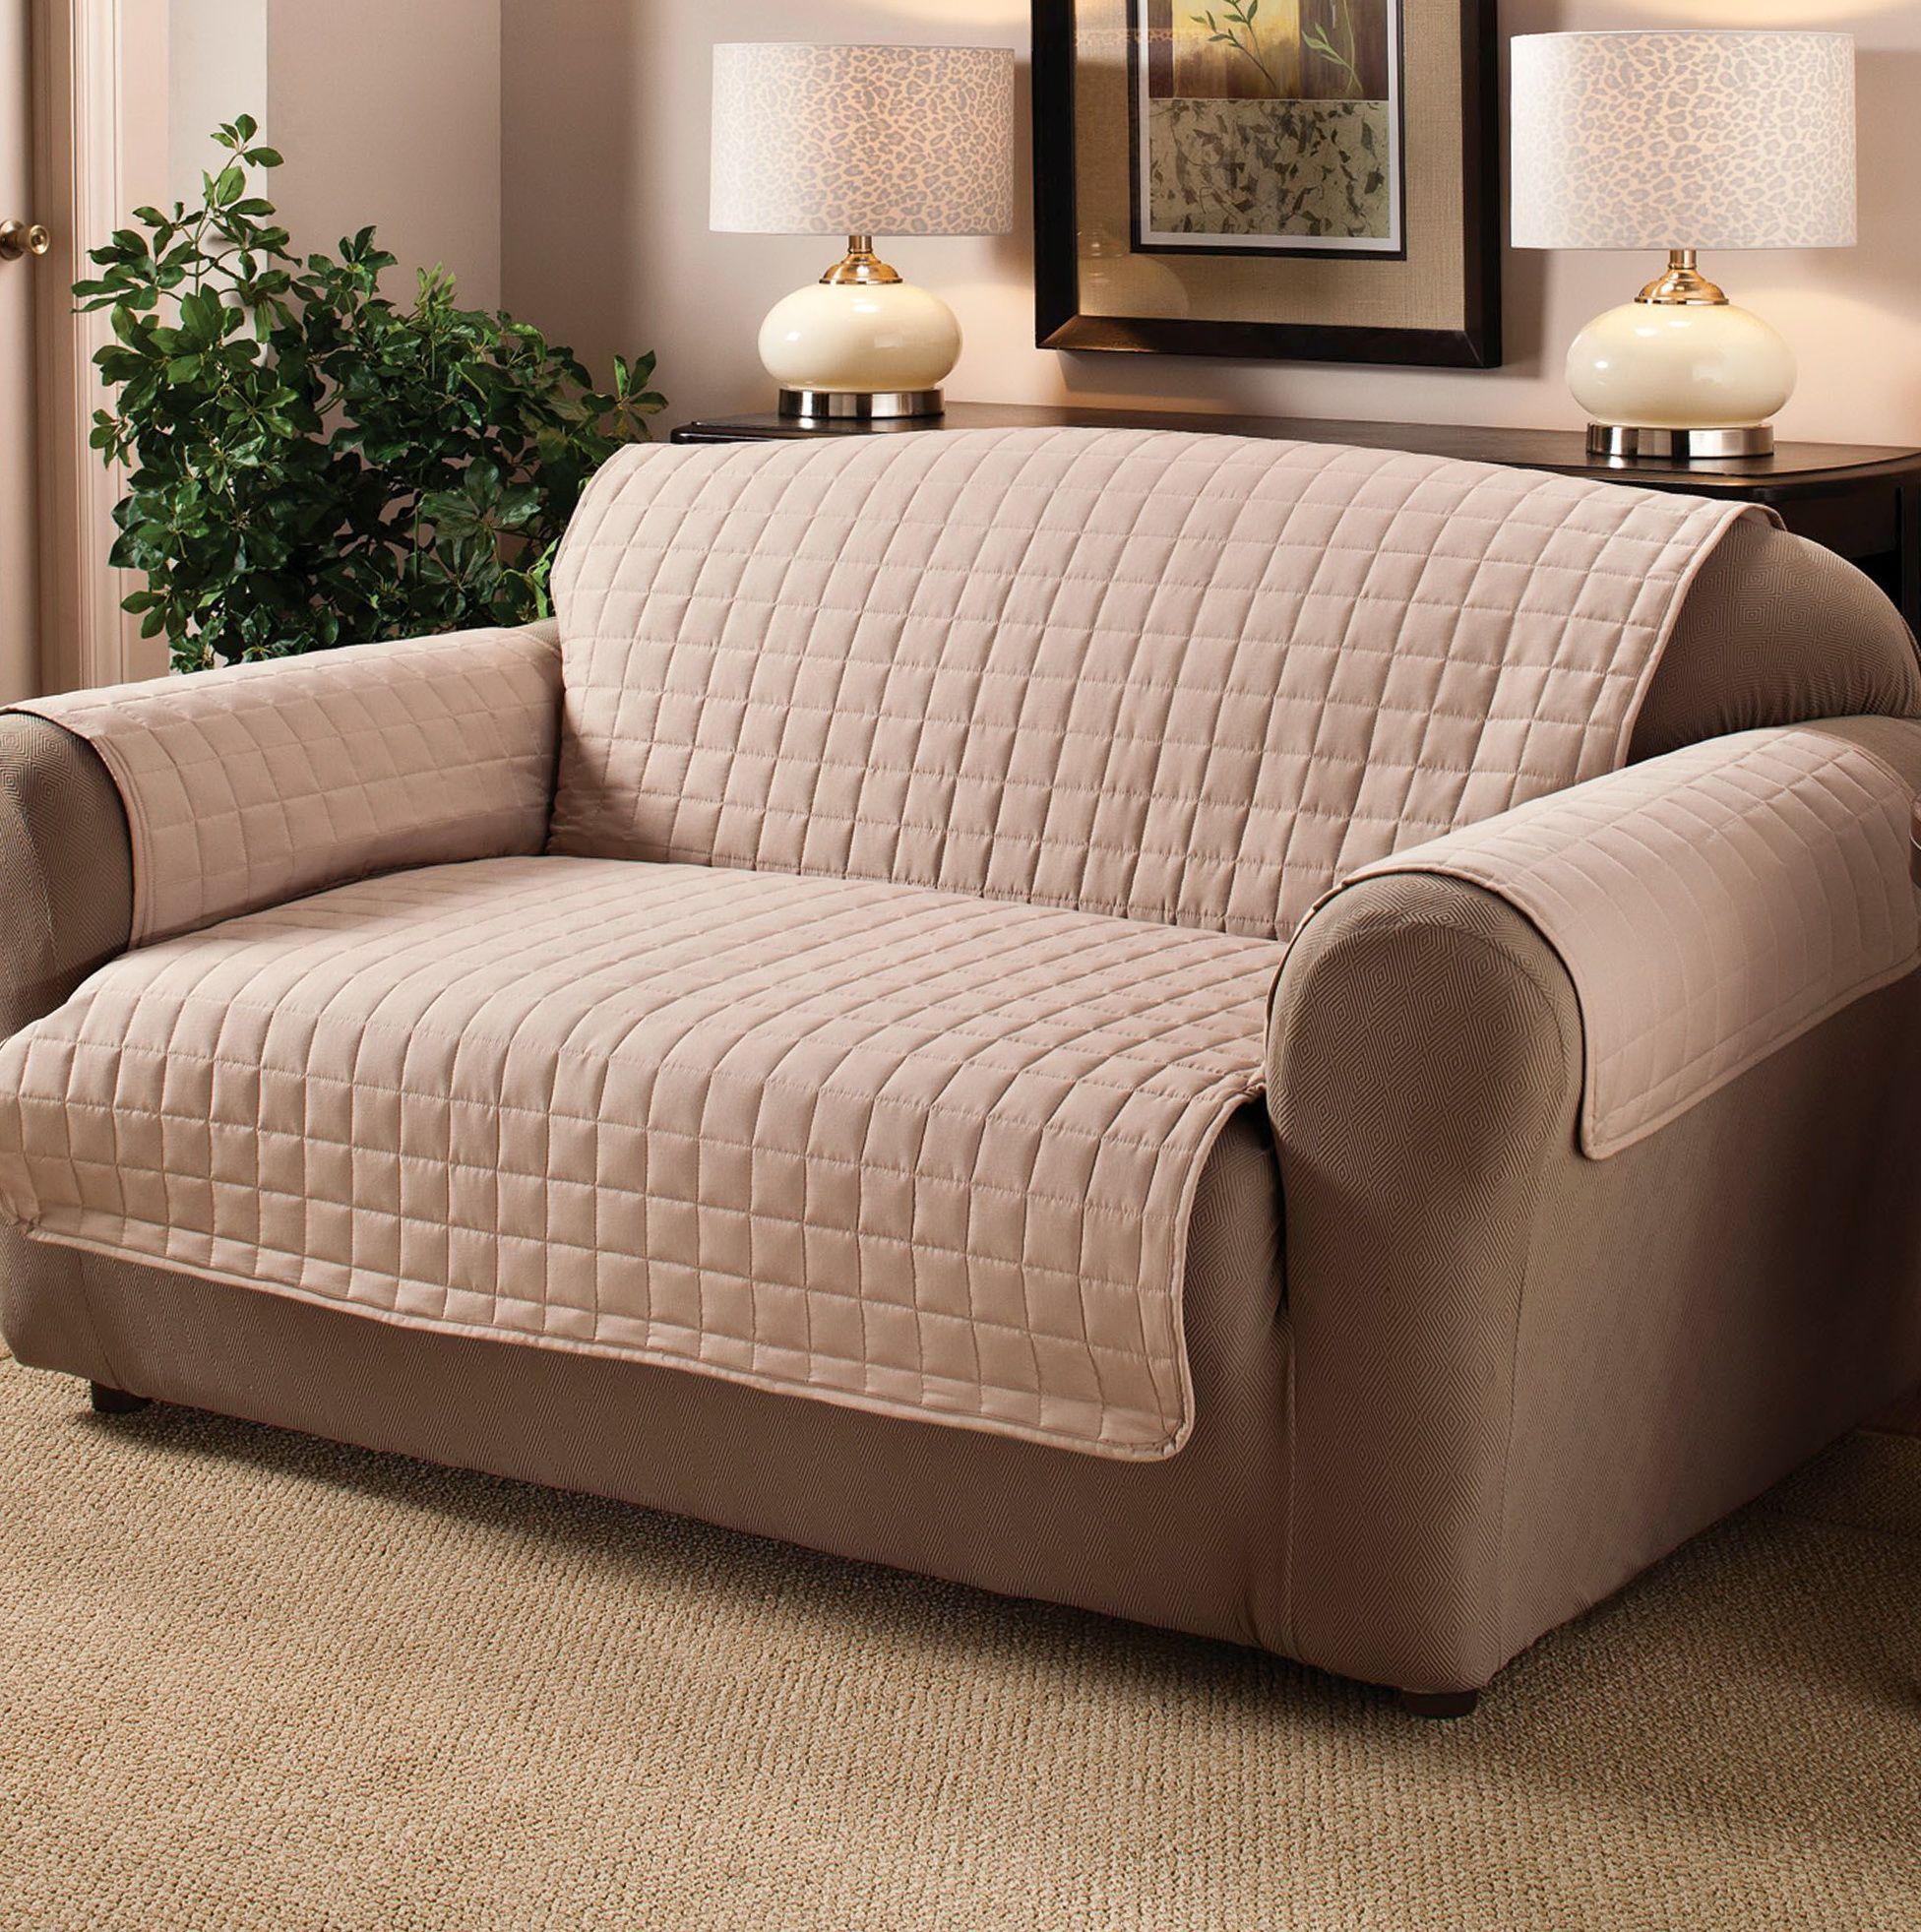 Furniture: Loveseat Slipcovers | Slipcovers For Couch And Loveseat For Sofa Loveseat Slipcovers (Image 9 of 25)